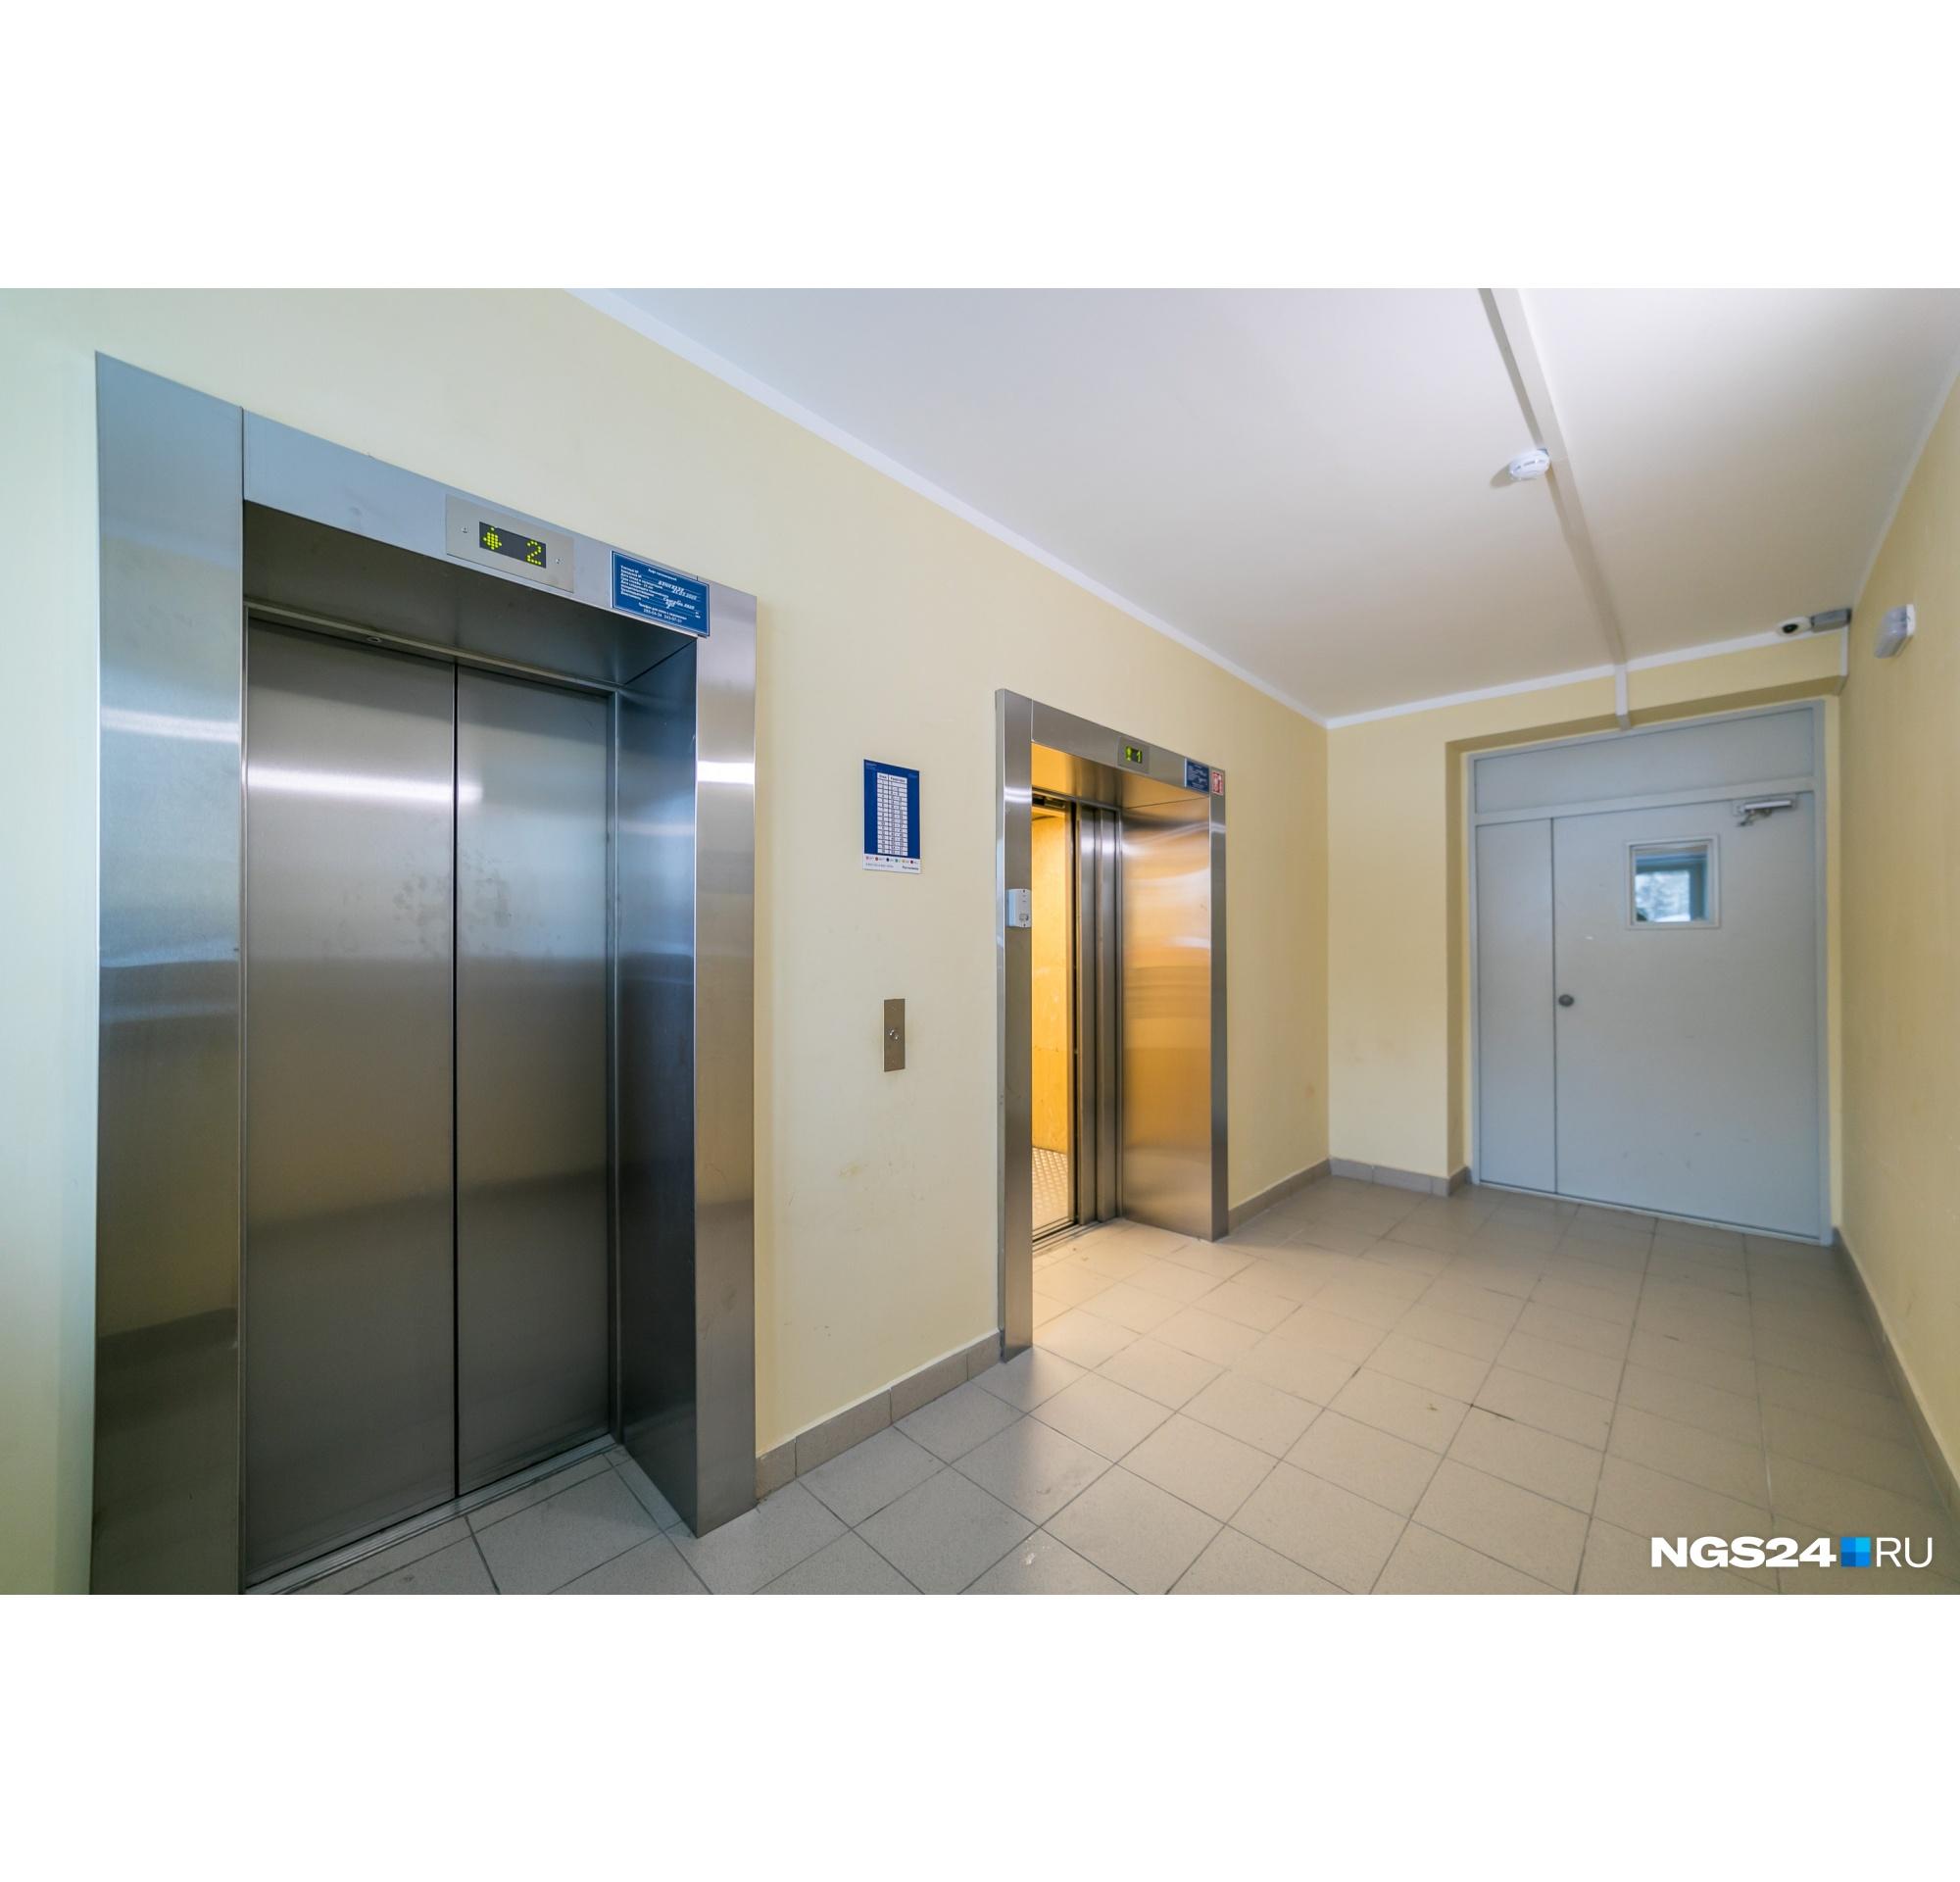 Несмотря на то что застройщик не стал делать отделку в квартирах, в подъездах она выполнена аккуратно и по-современному